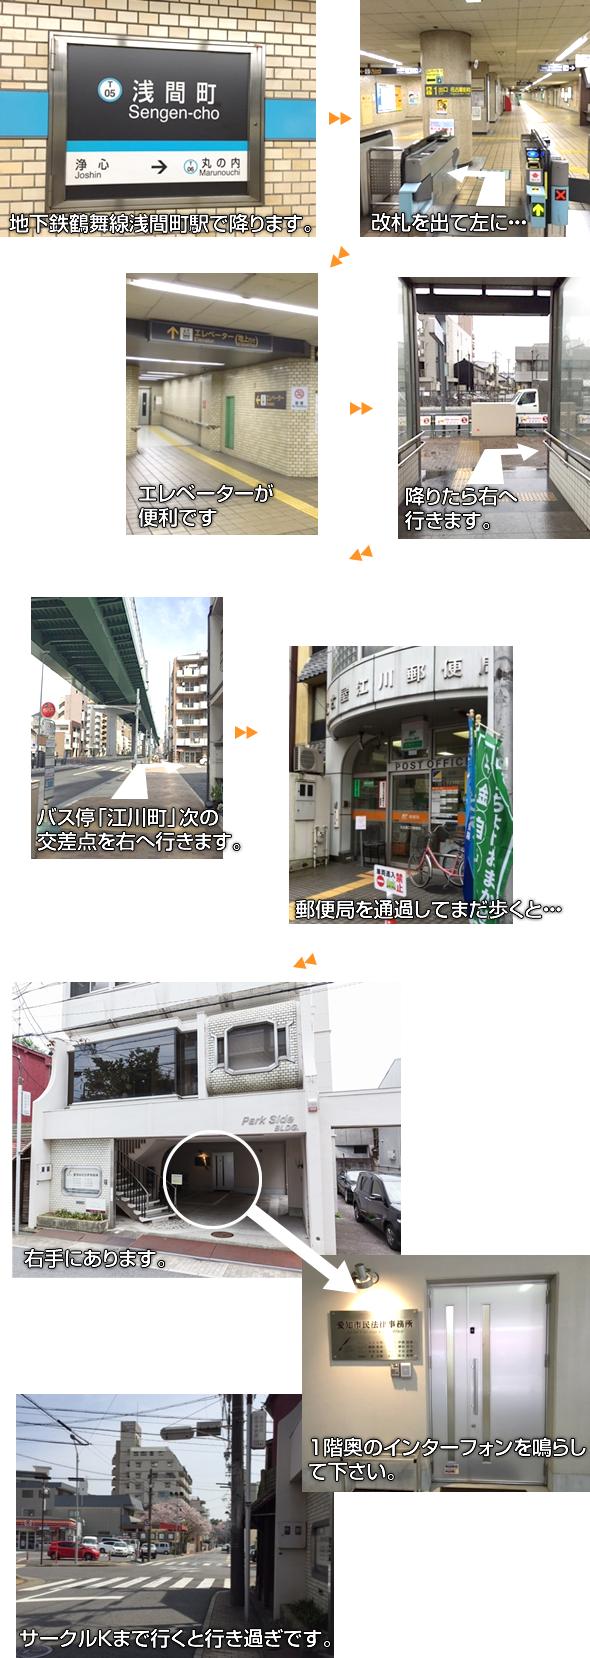 地下鉄浅間町から愛知市民法律事務所まで